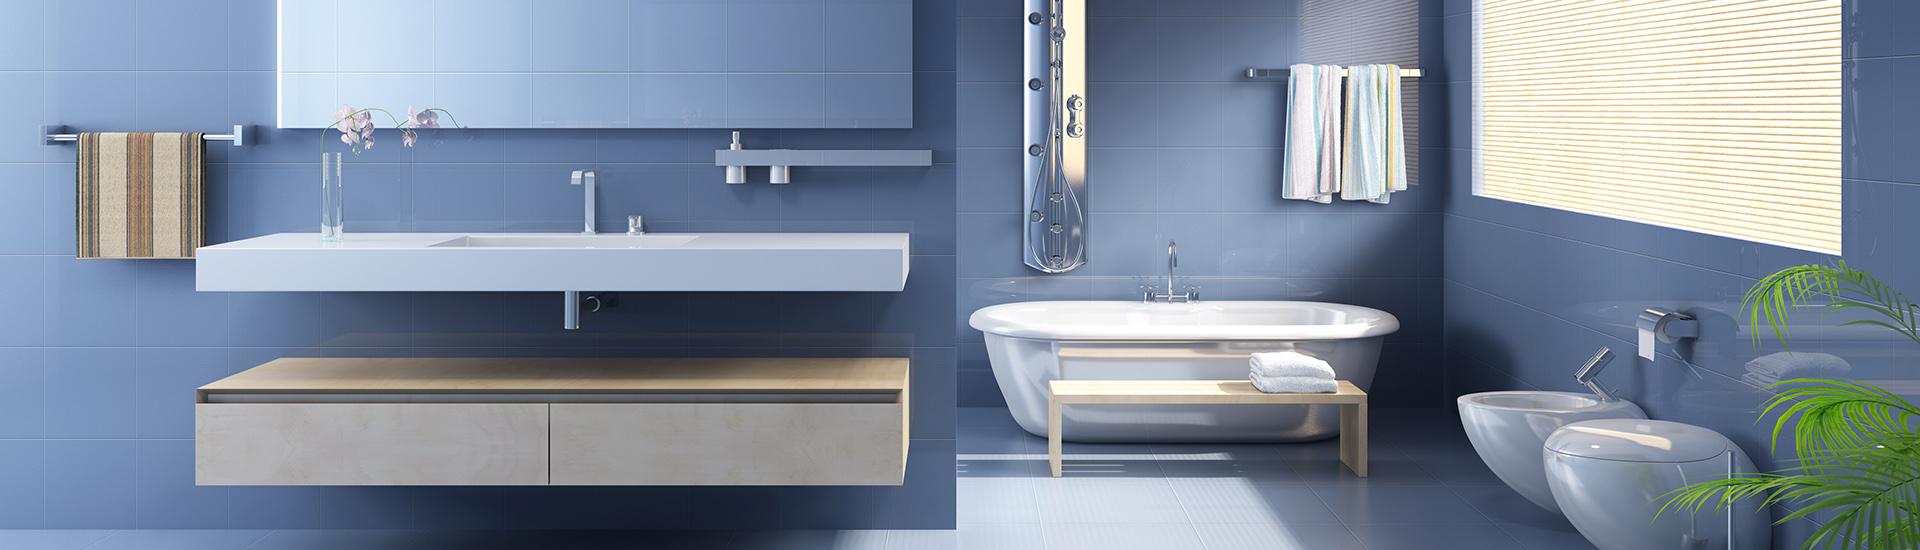 Badkamer Tekenprogramma | De Ruiter badkamerbouw en totaal renovaties